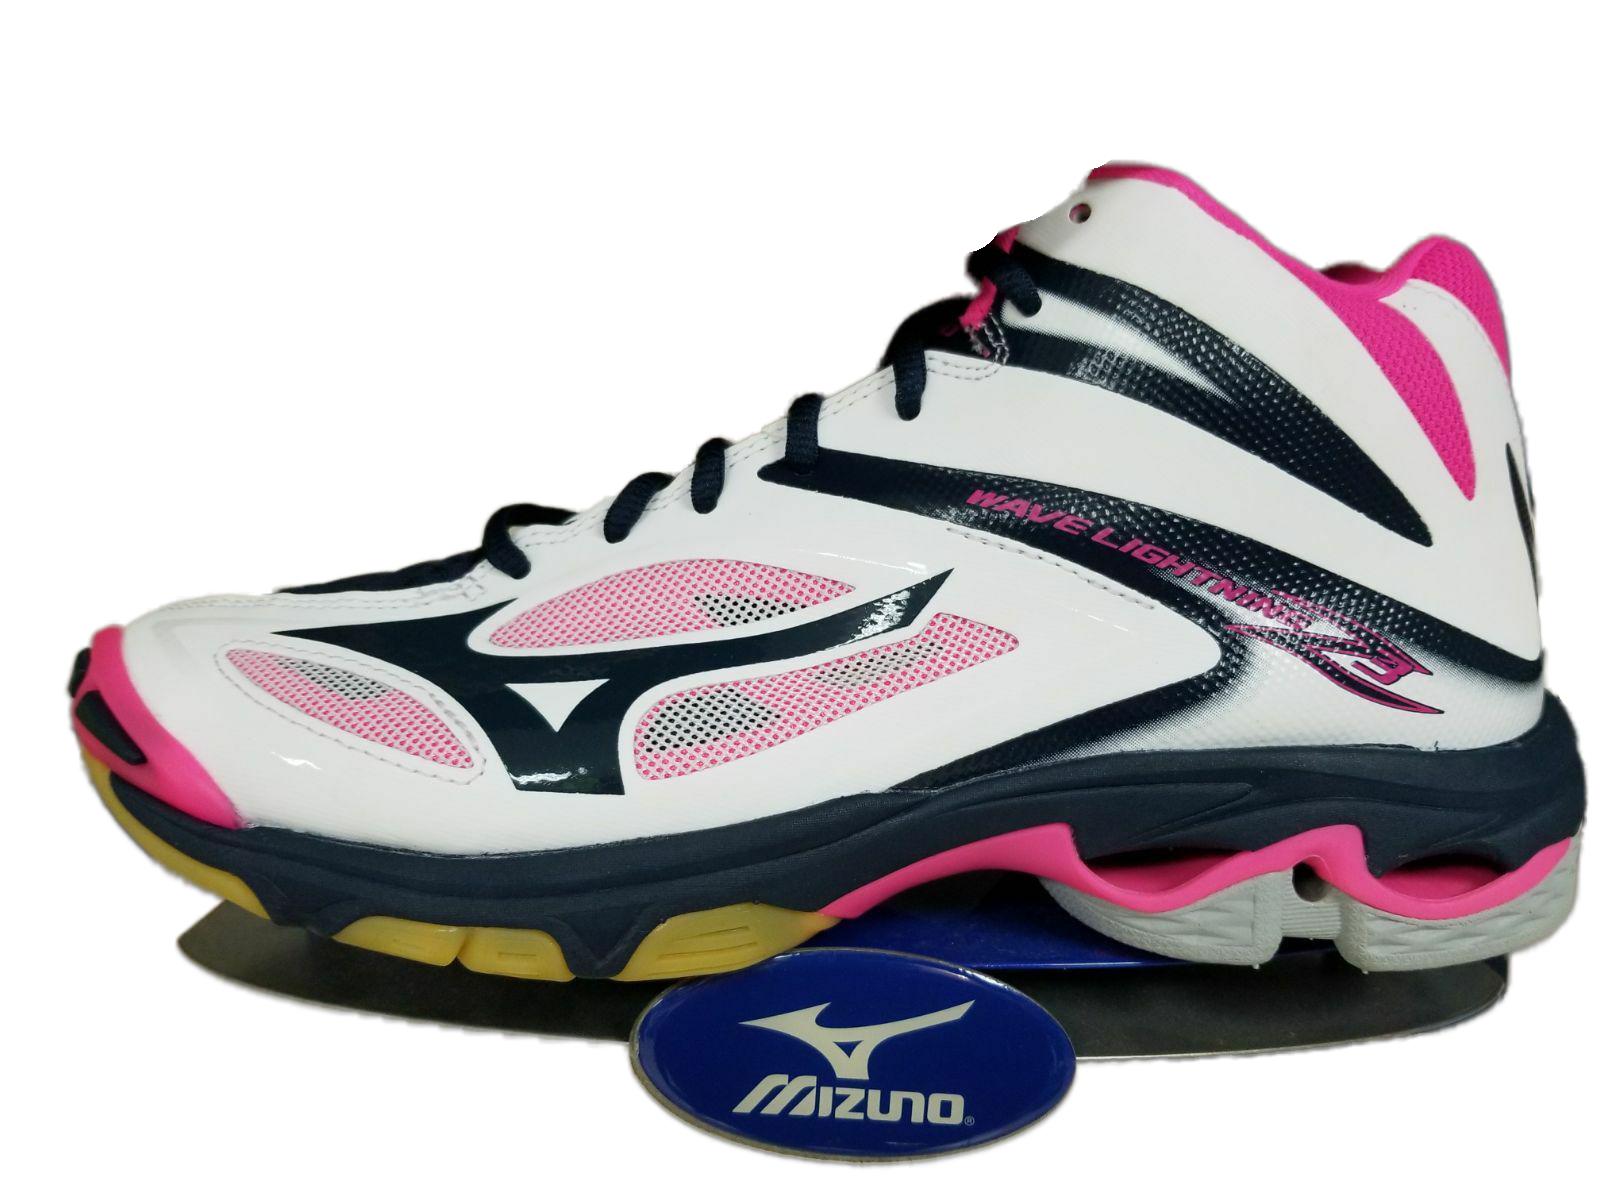 mizuno men's wave lightning z5 indoor court shoe pink color